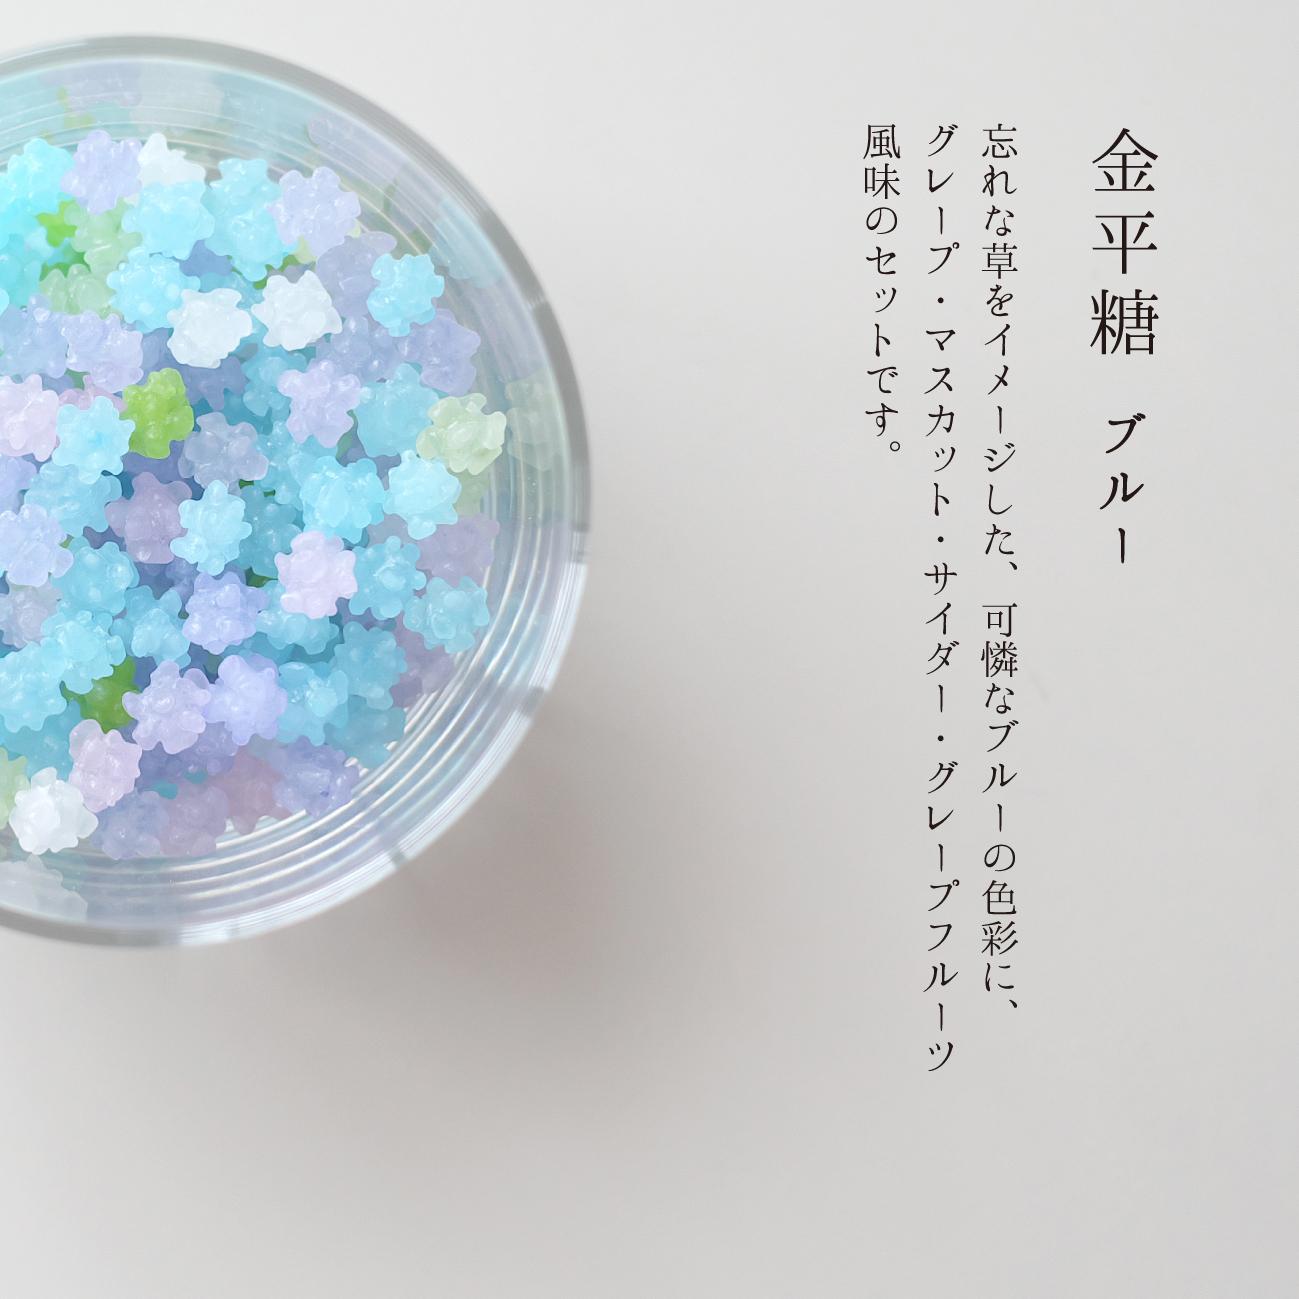 「ニシワキタダシ べー」手摺り型染め小箱 金平糖セット